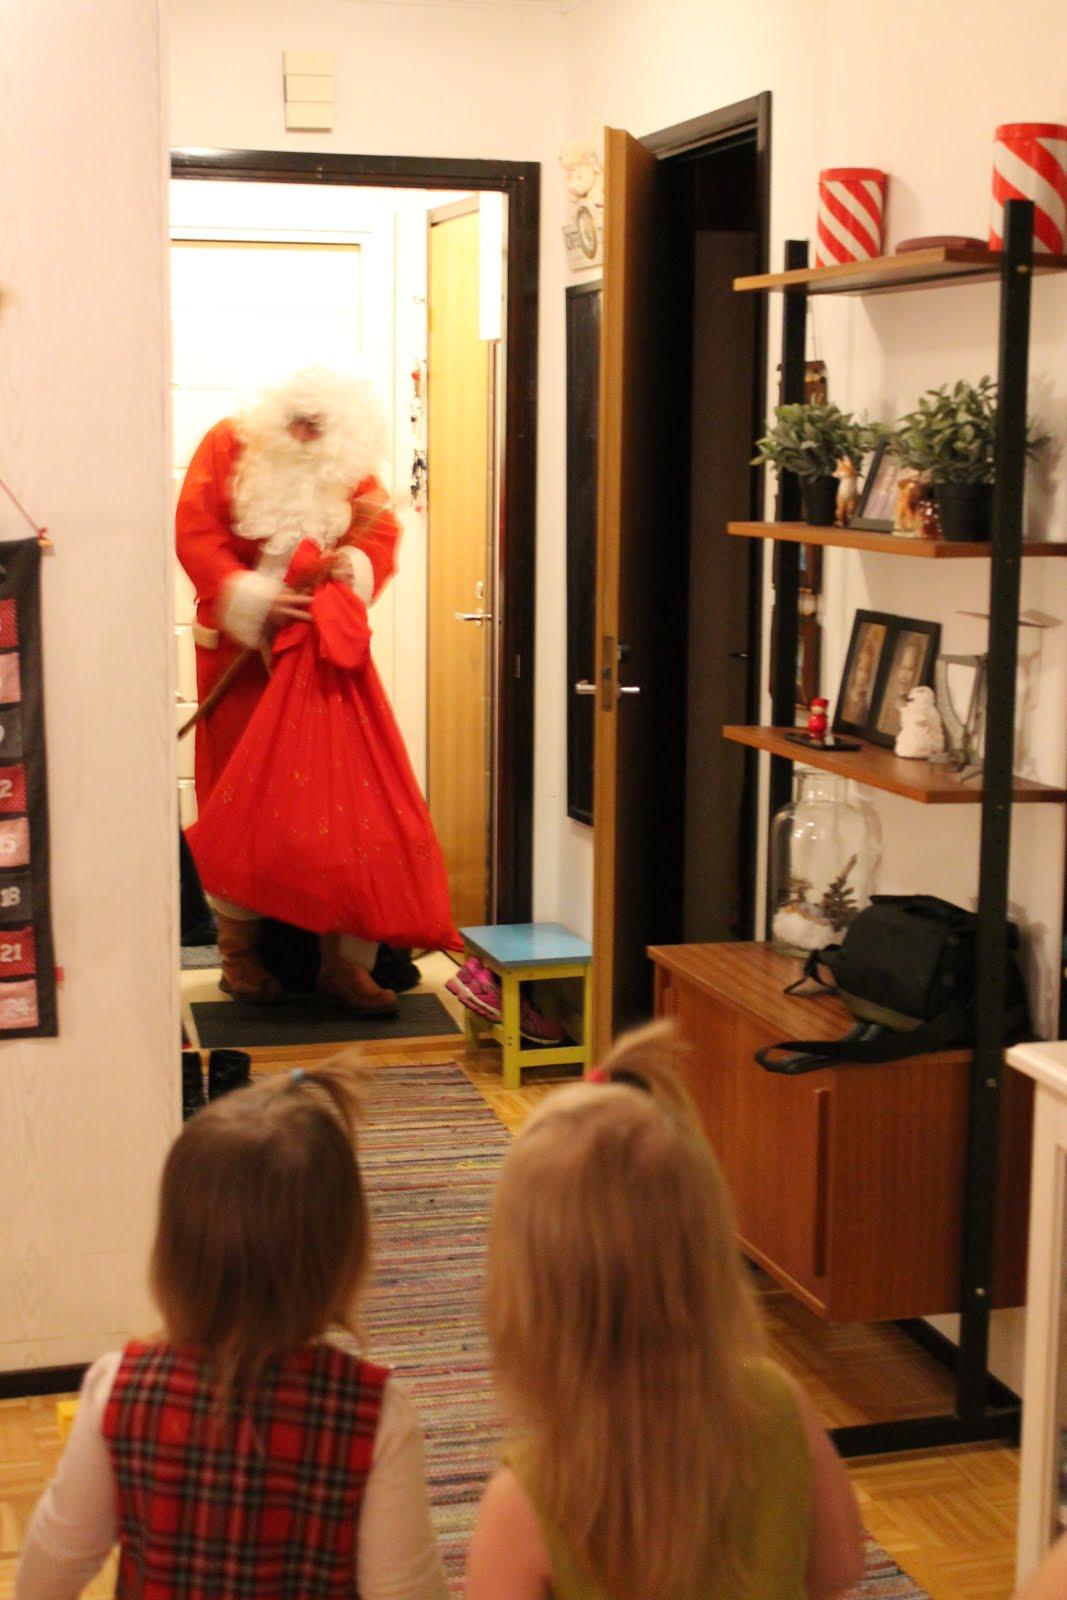 Vuosikymmenet vyöryvät. Joulupukki Tampere taivaltaa luo lasten kilttien joka jouluaatto joulupäivä